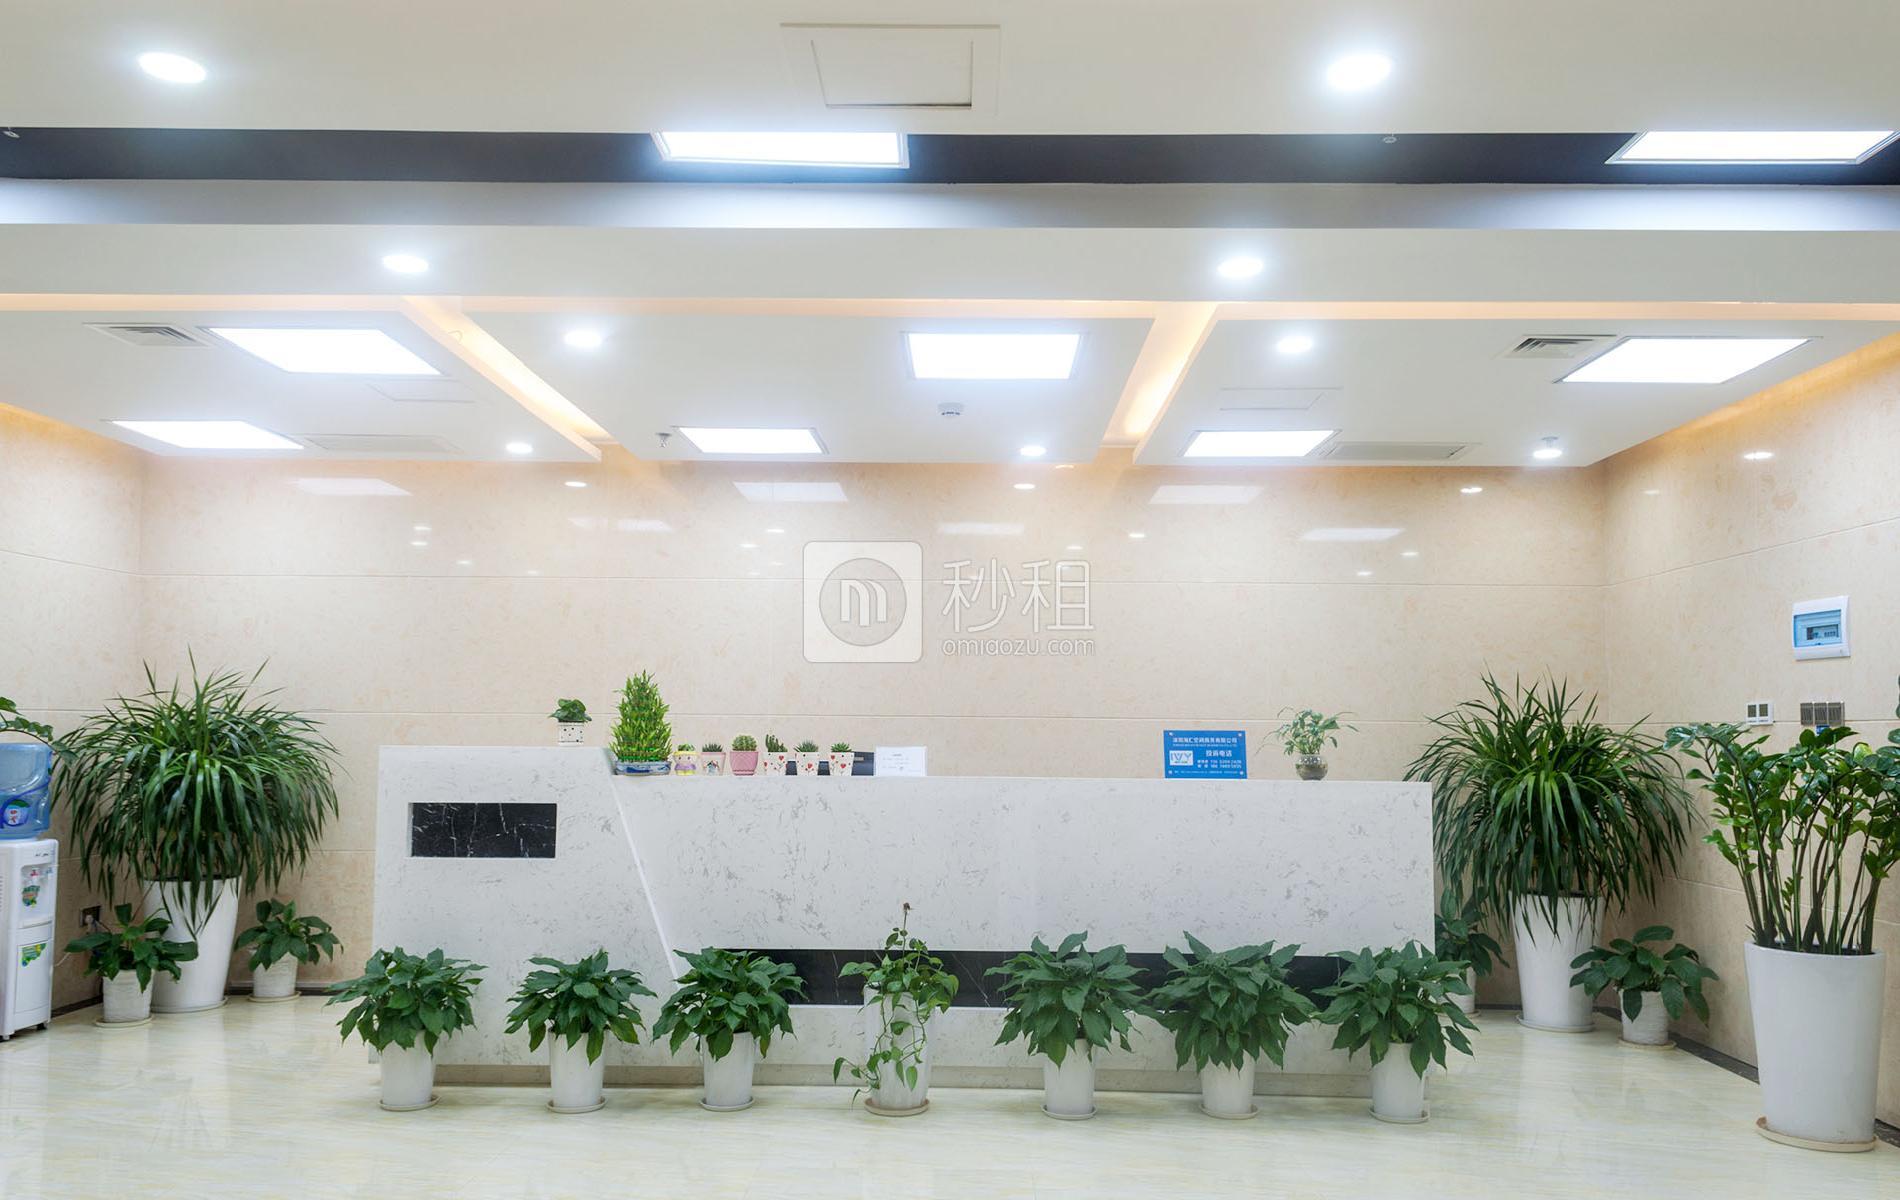 彩虹科技大厦写字楼出租/招租/租赁,彩虹科技大厦办公室出租/招租/租赁